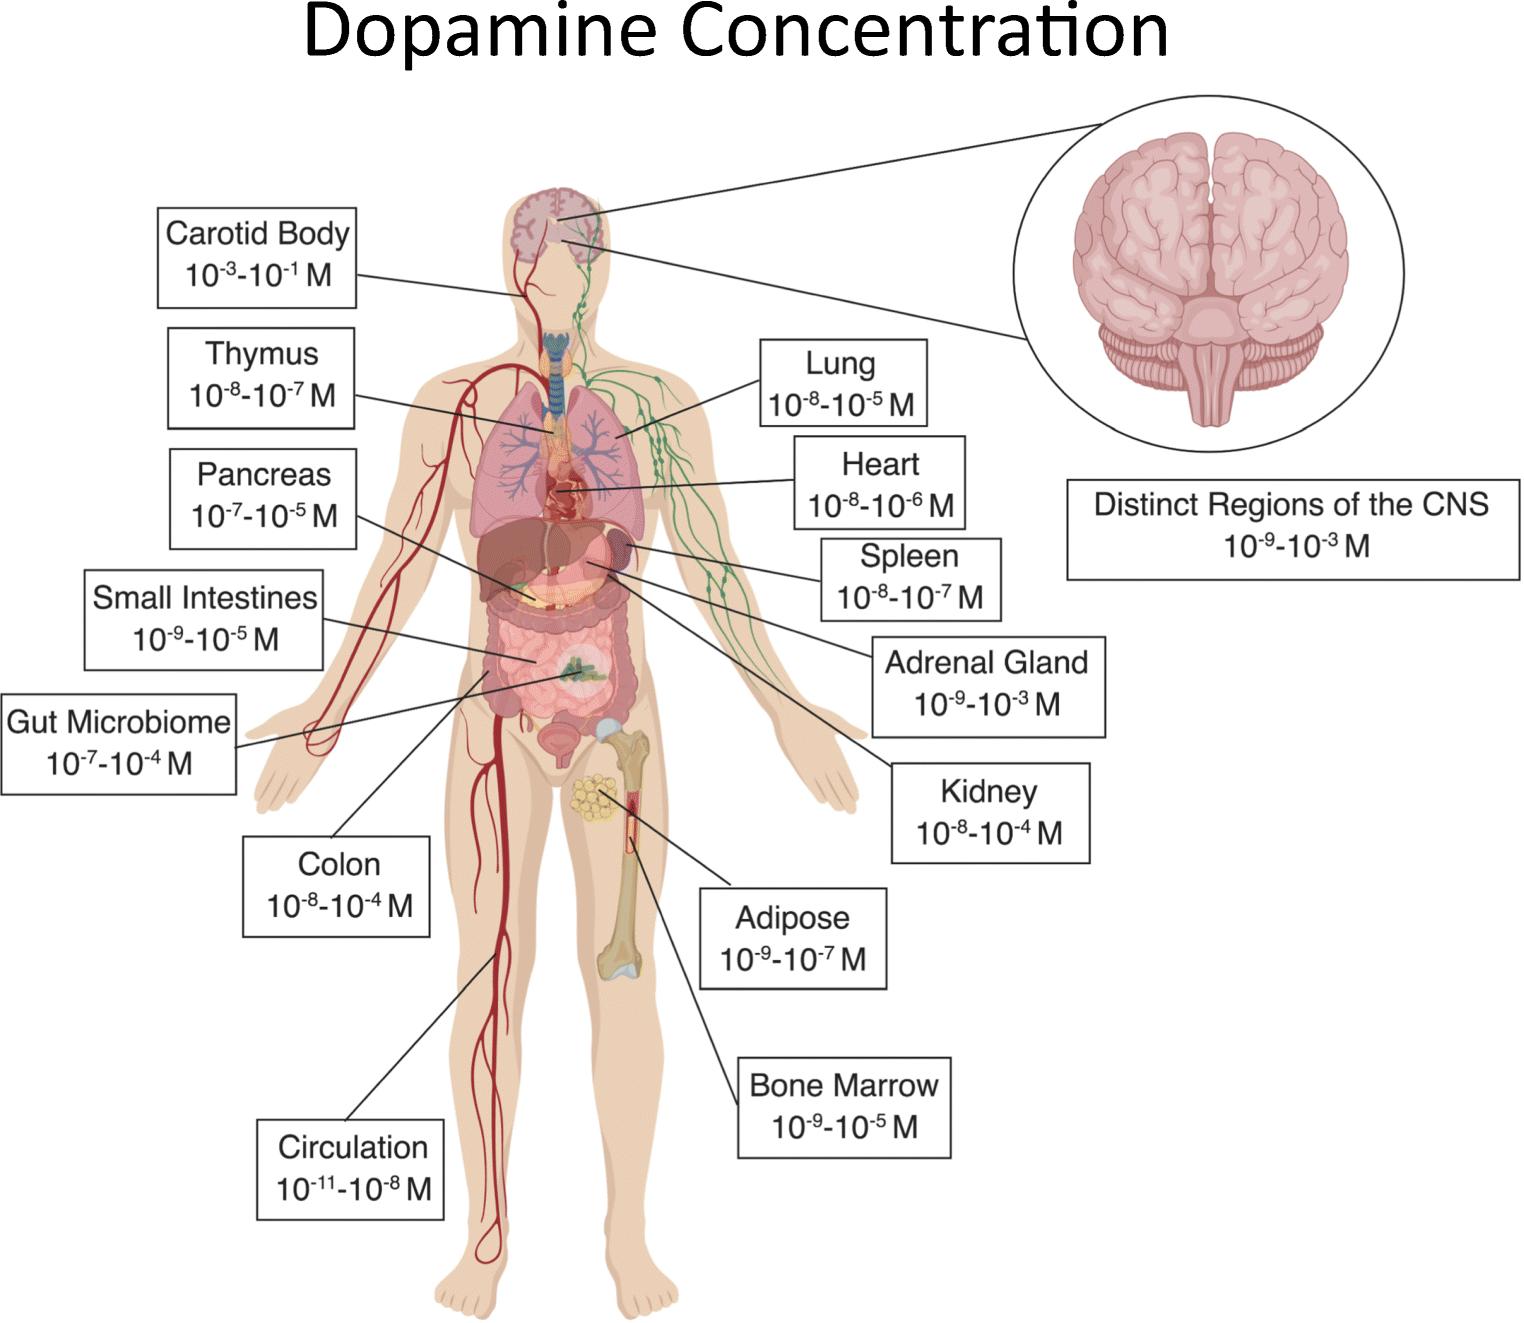 mat med dopamin